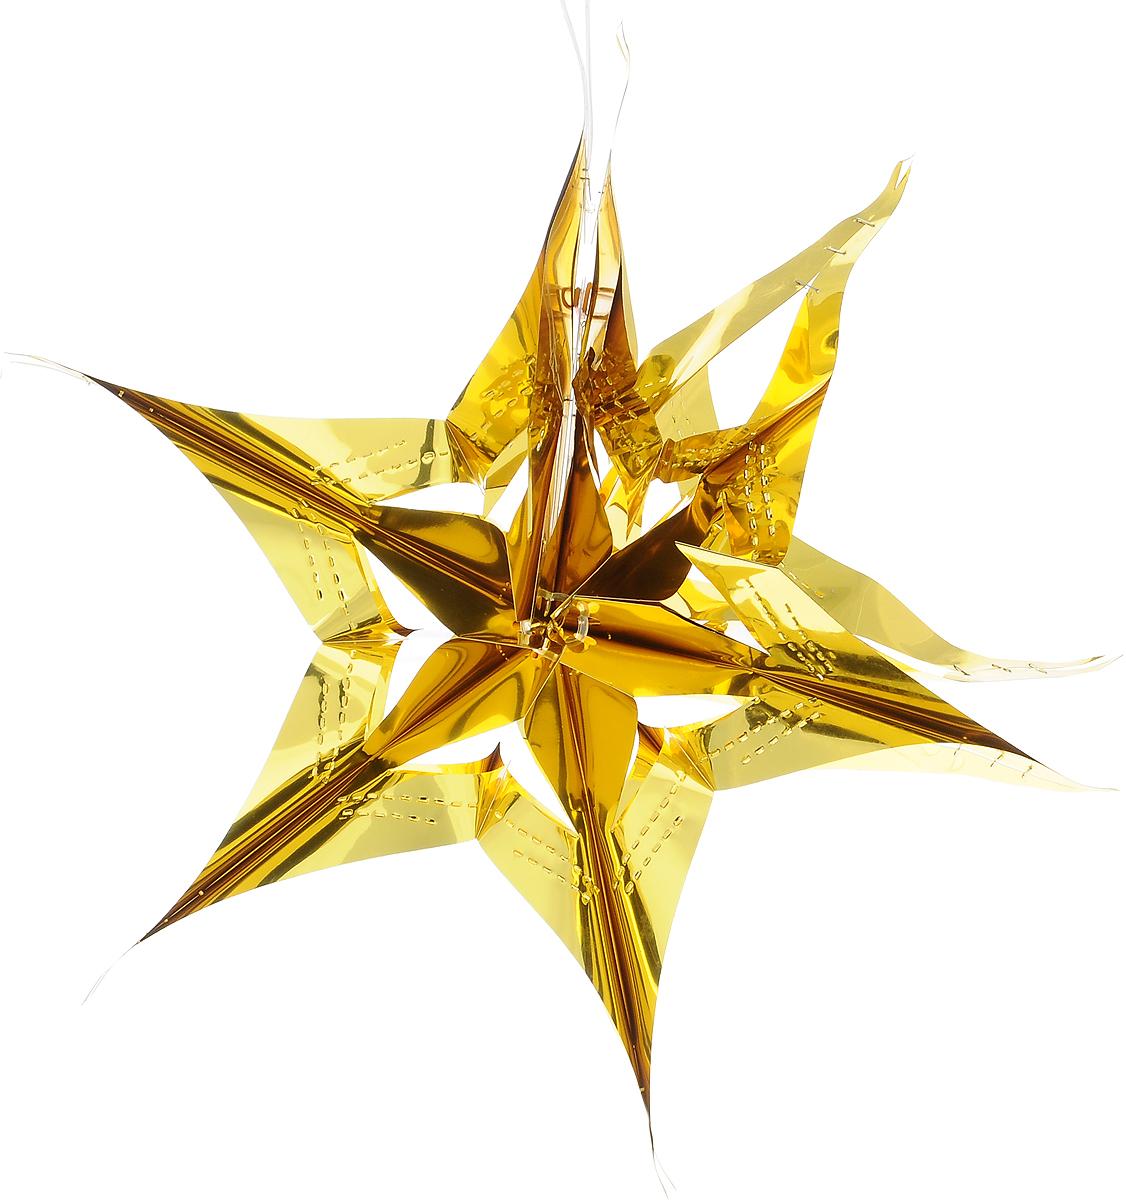 Украшение новогоднее подвесное Winter Wings Звезда, цвет: золотистый, диаметр 30 см украшение новогоднее оконное winter wings новогодние герои 5 шт n09356 ангелы